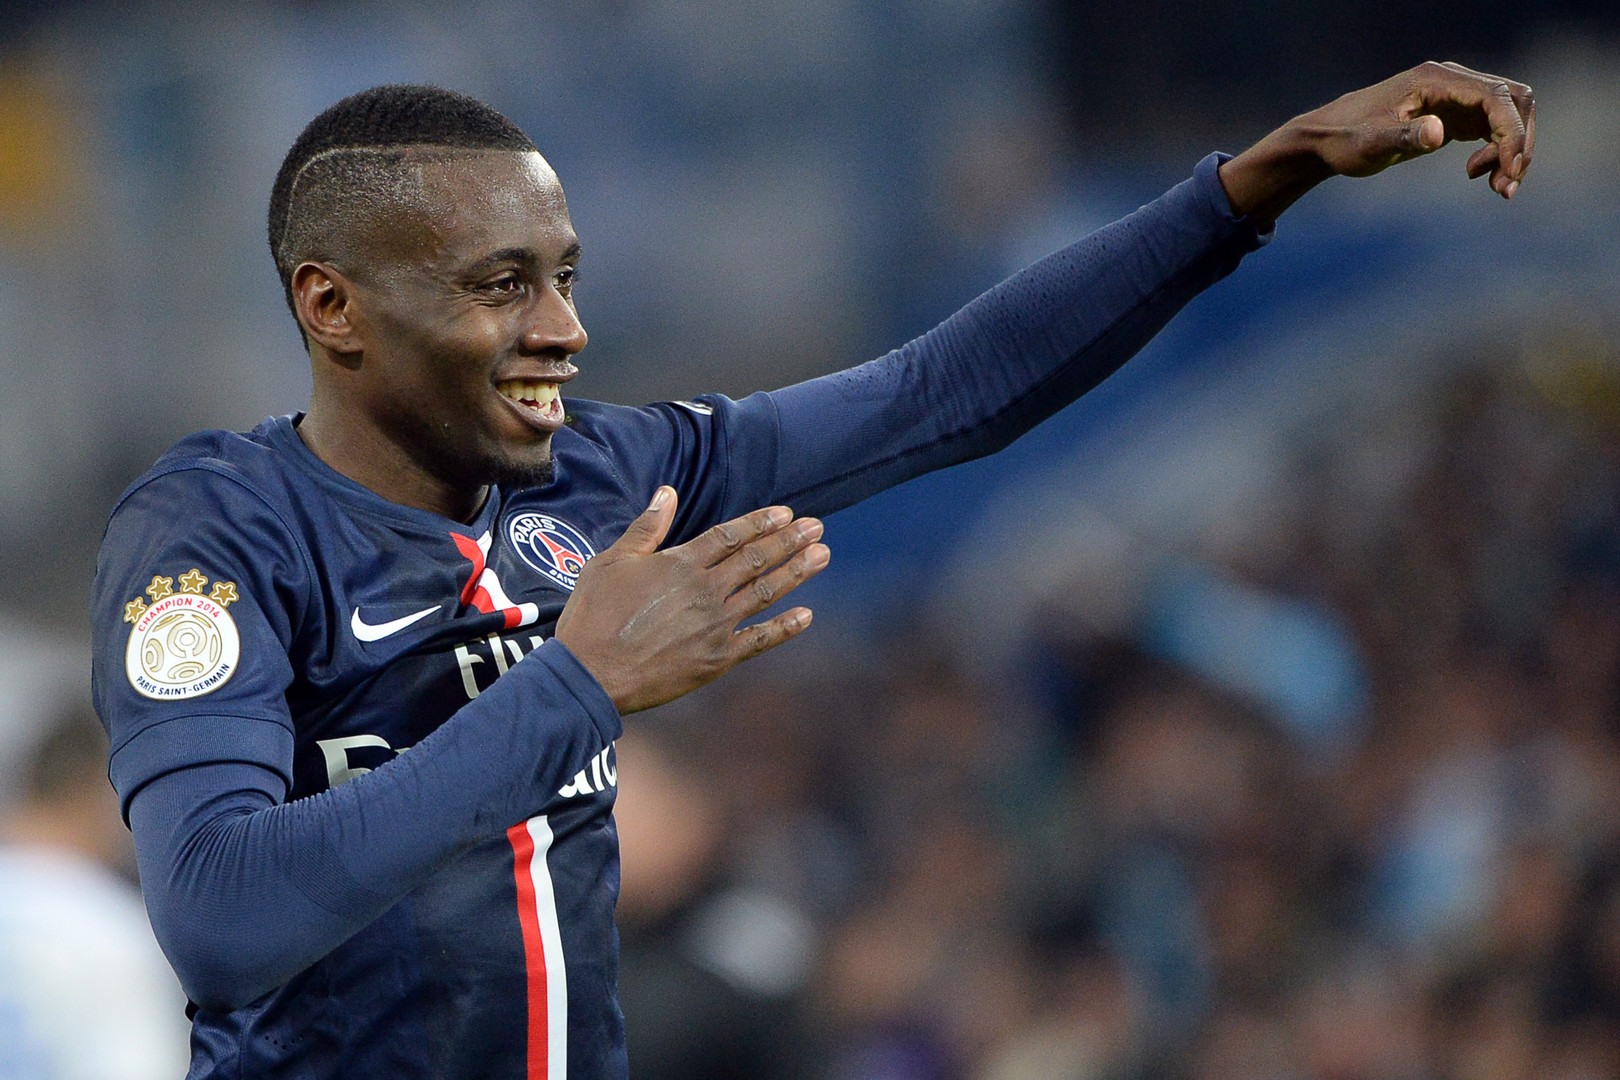 سان جيرمان يستعيد صدارة الدوري الفرنسي بعد كلاسيكو ملتهب ضد مرسيليا